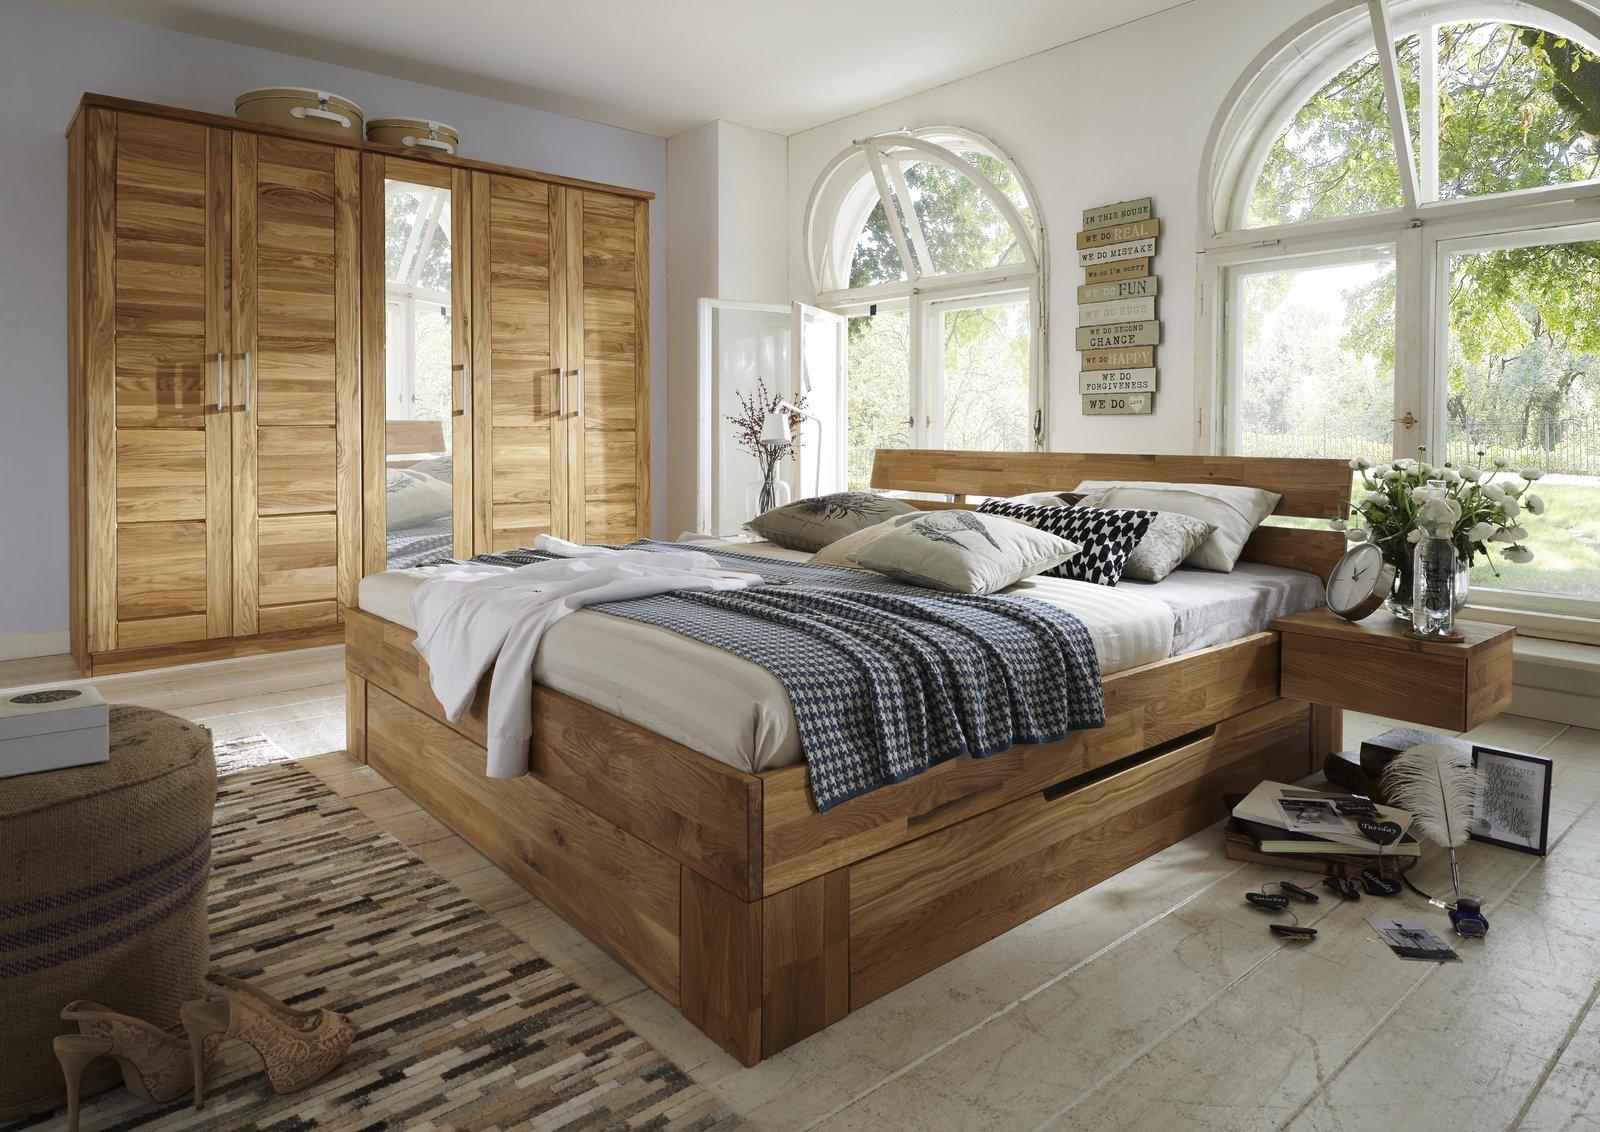 Schlafzimmer Komplett Gunstig Holz Verkaufe Schlafzimmer Komplett Sehr Gunstig In 94116 Hutthurm For 1 00 For Sale Shpock